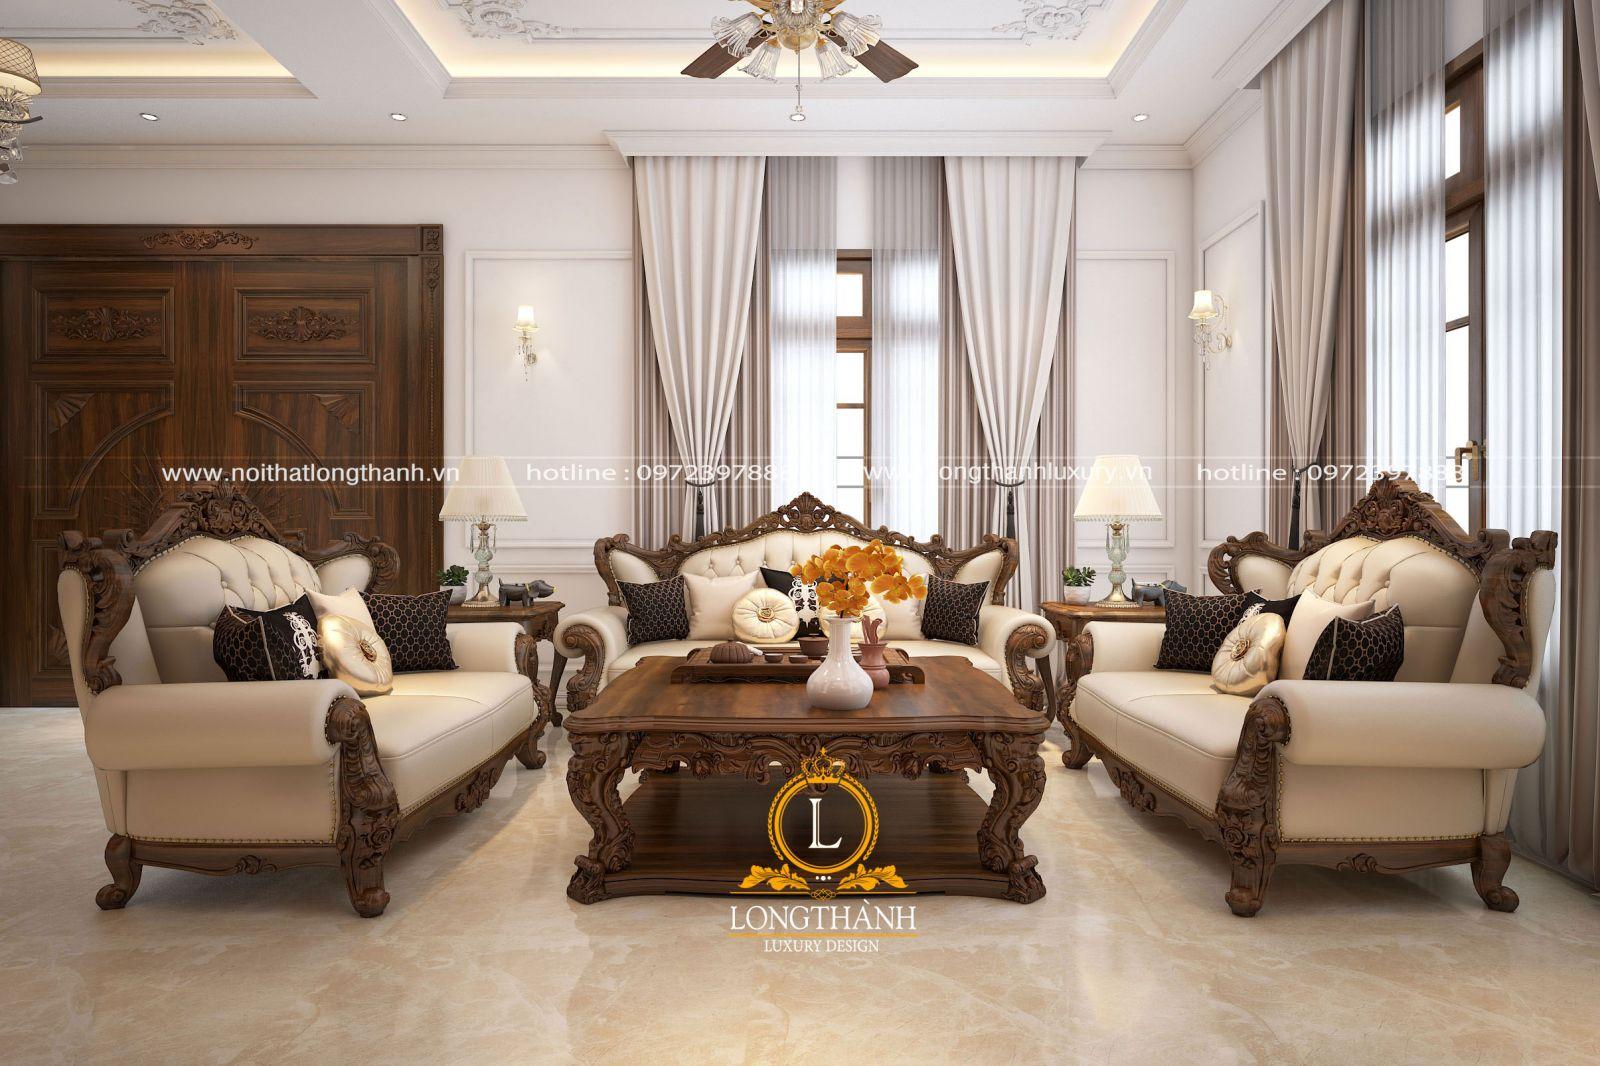 Bộ sofa lớn được thiết kế kích thước phù hợp không gian phòng khách